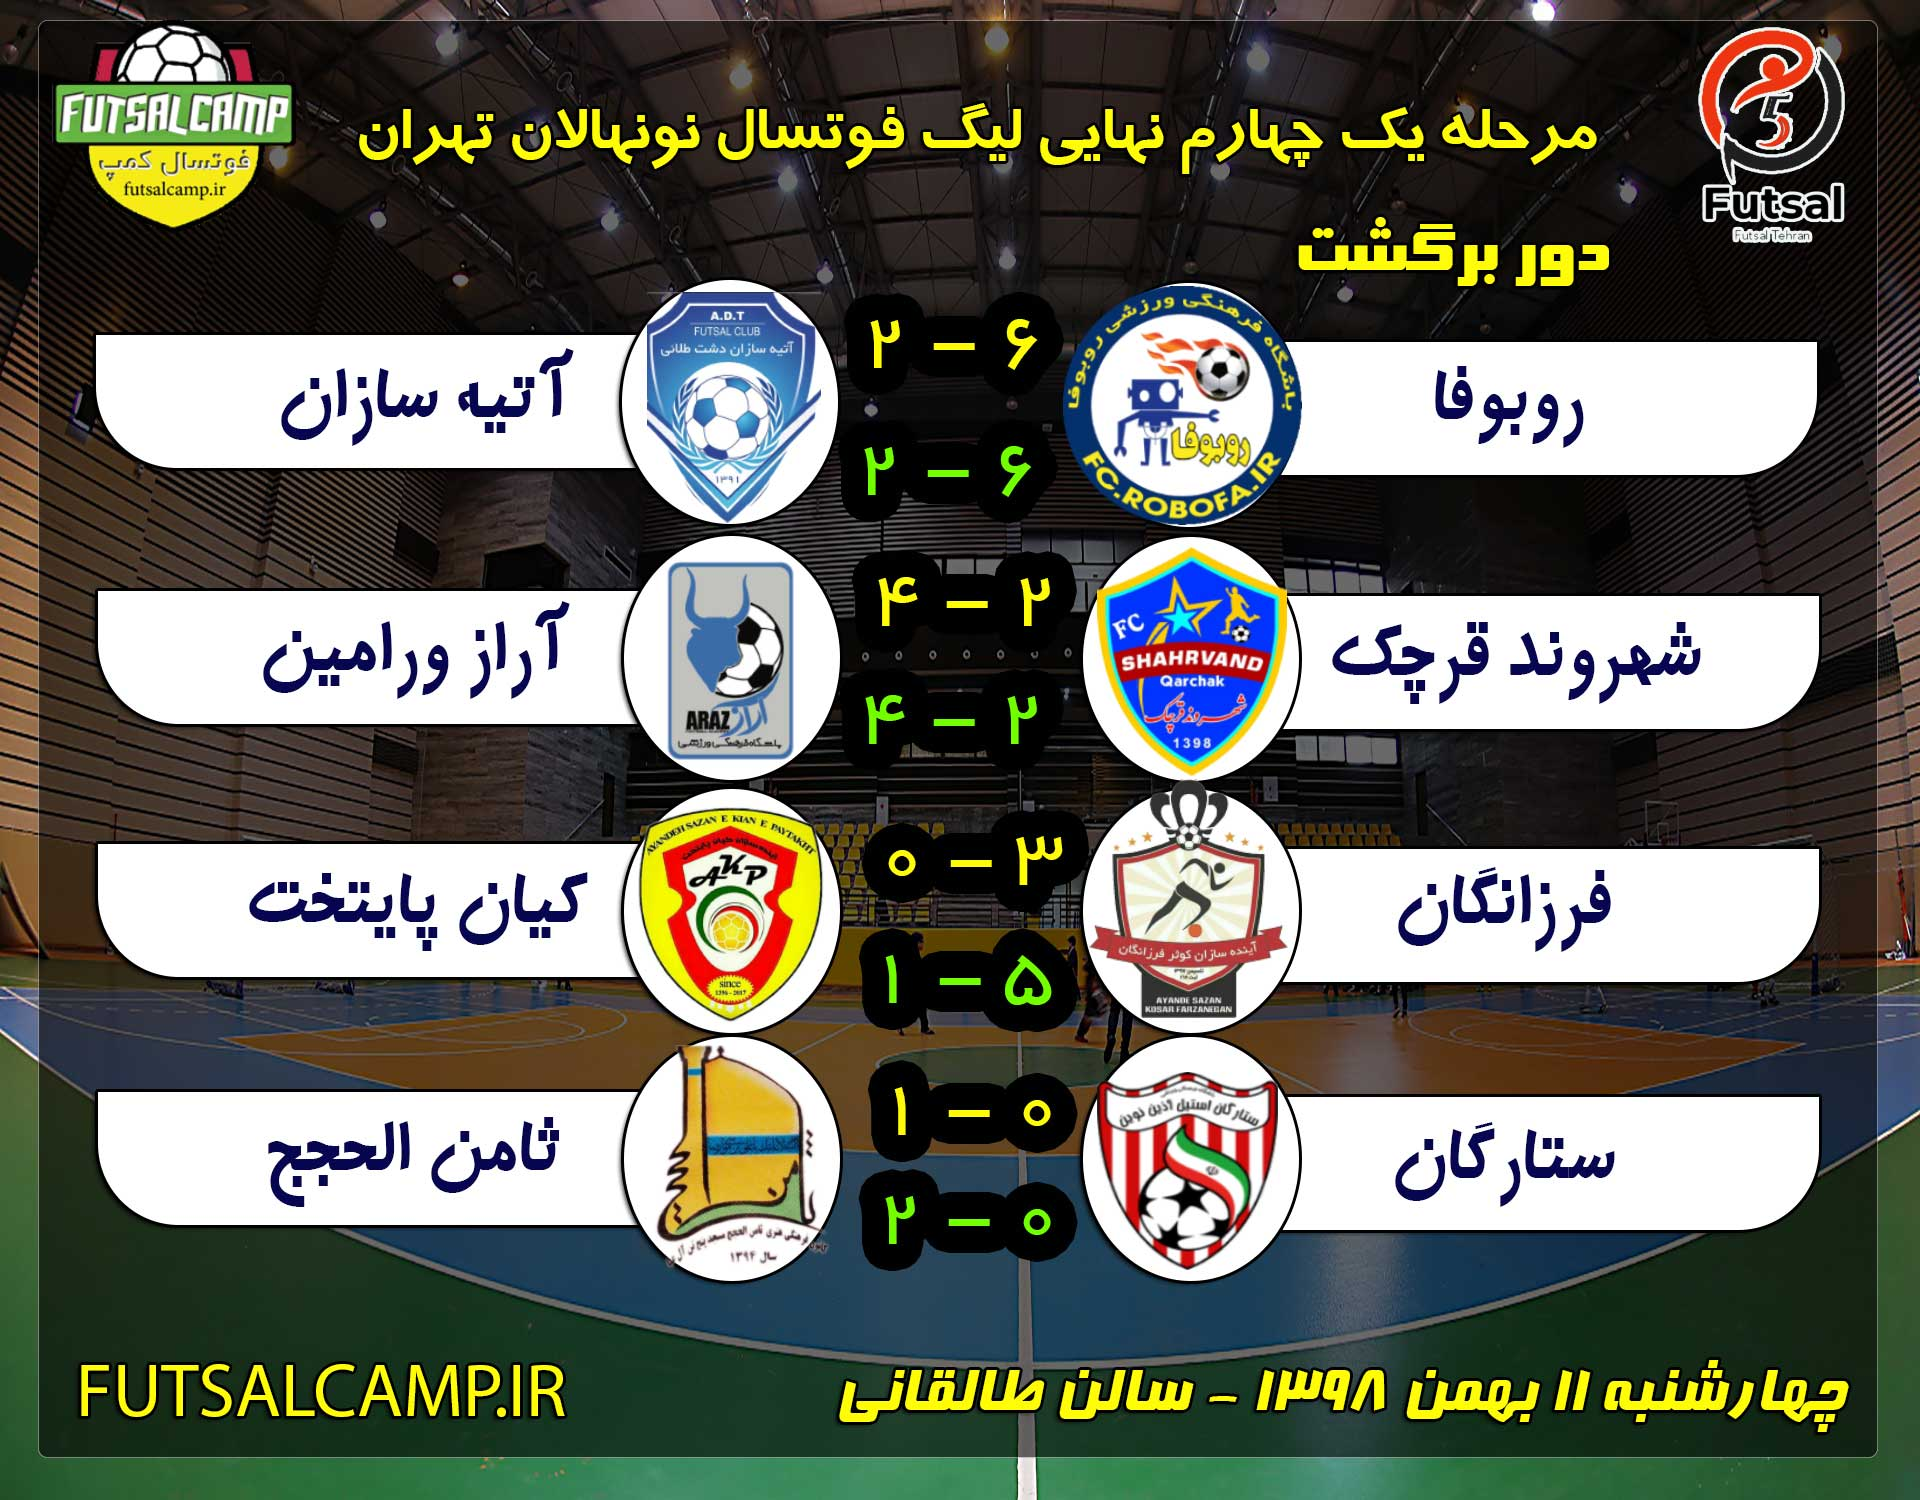 نتایج دور برگشت لیگ فوتسال نونهالان تهران